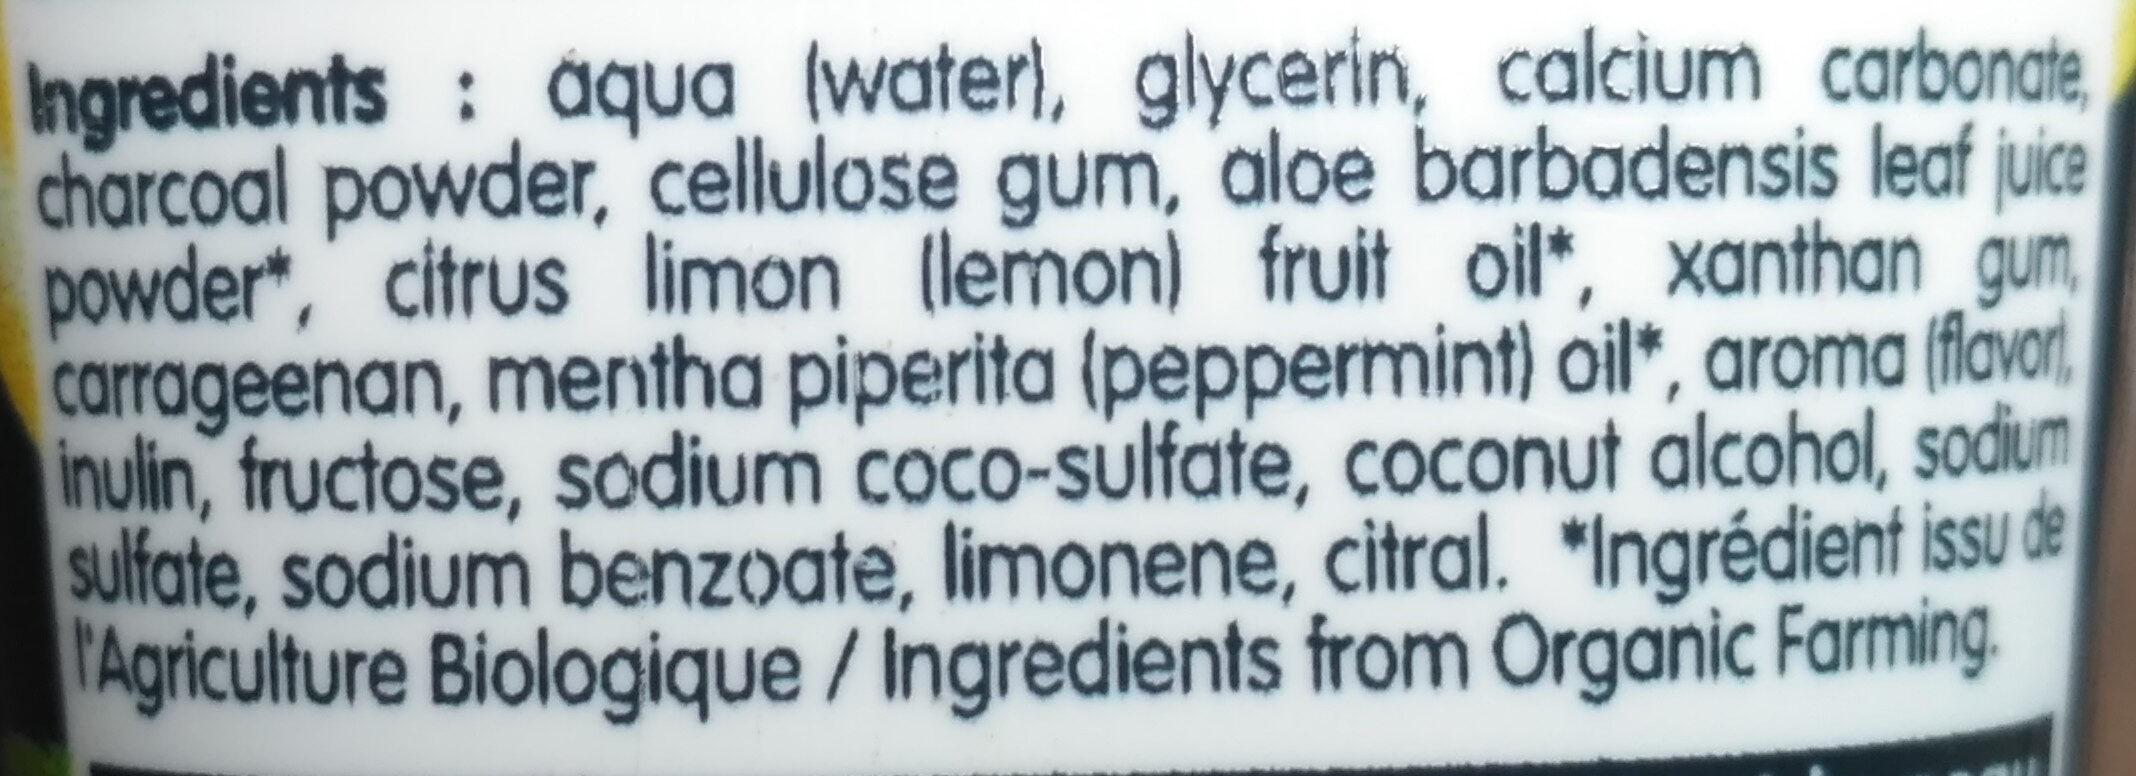 Dentifrice charbon végétal - Ingrédients - fr